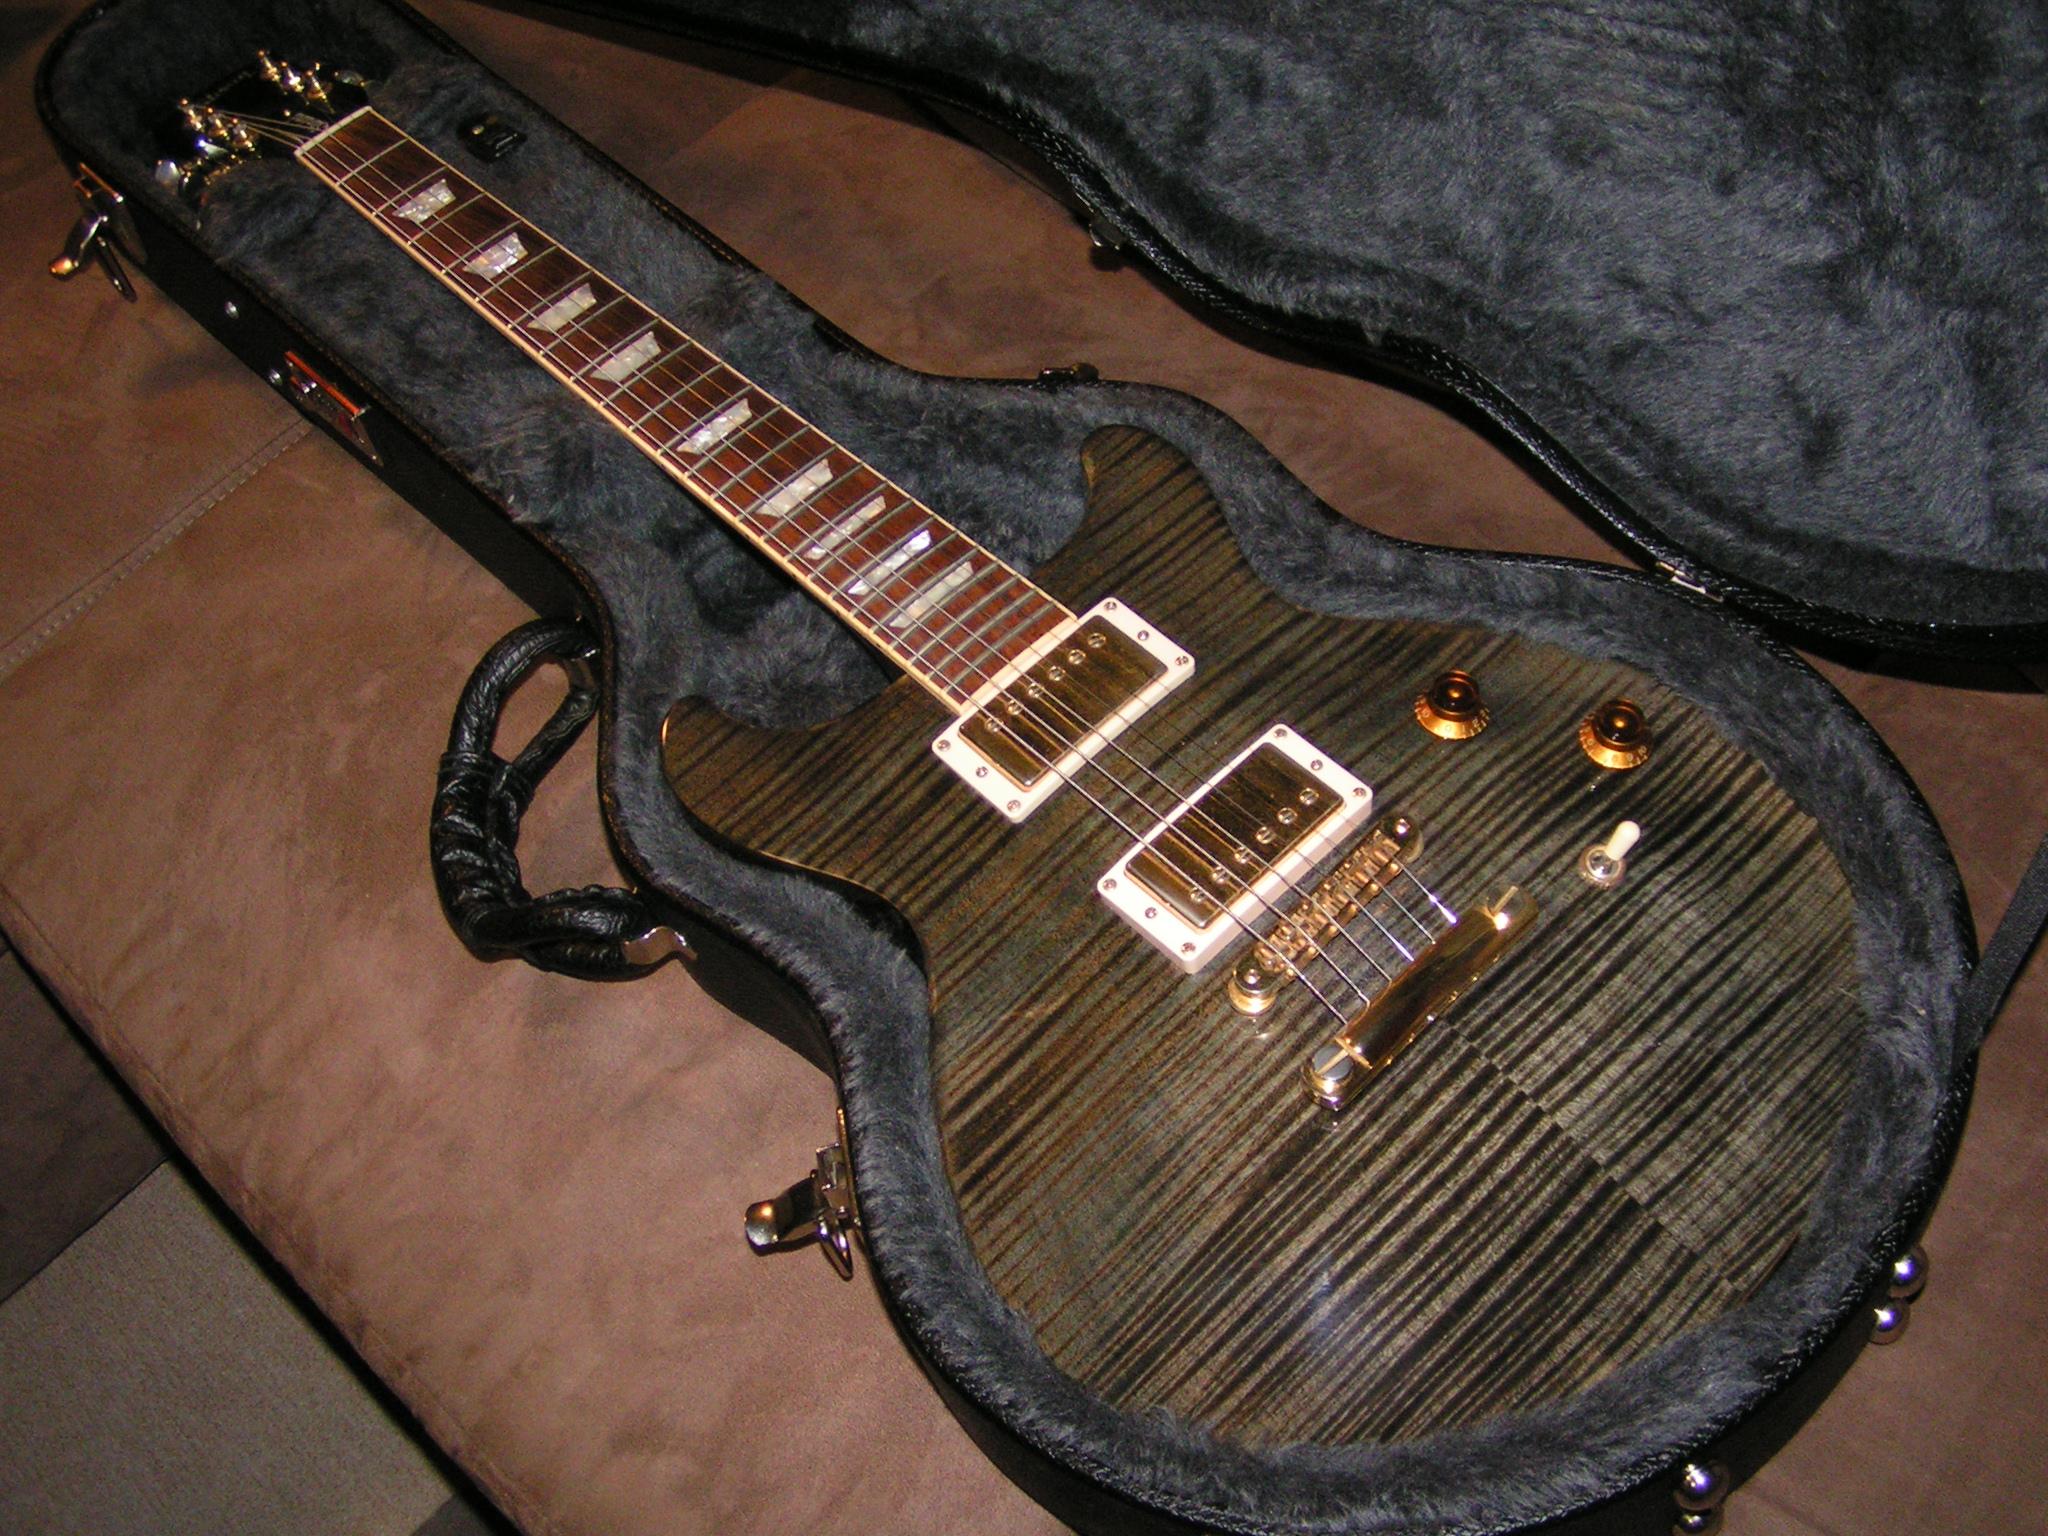 Gibson Les Paul Standard Double Cut Plus Image 521794